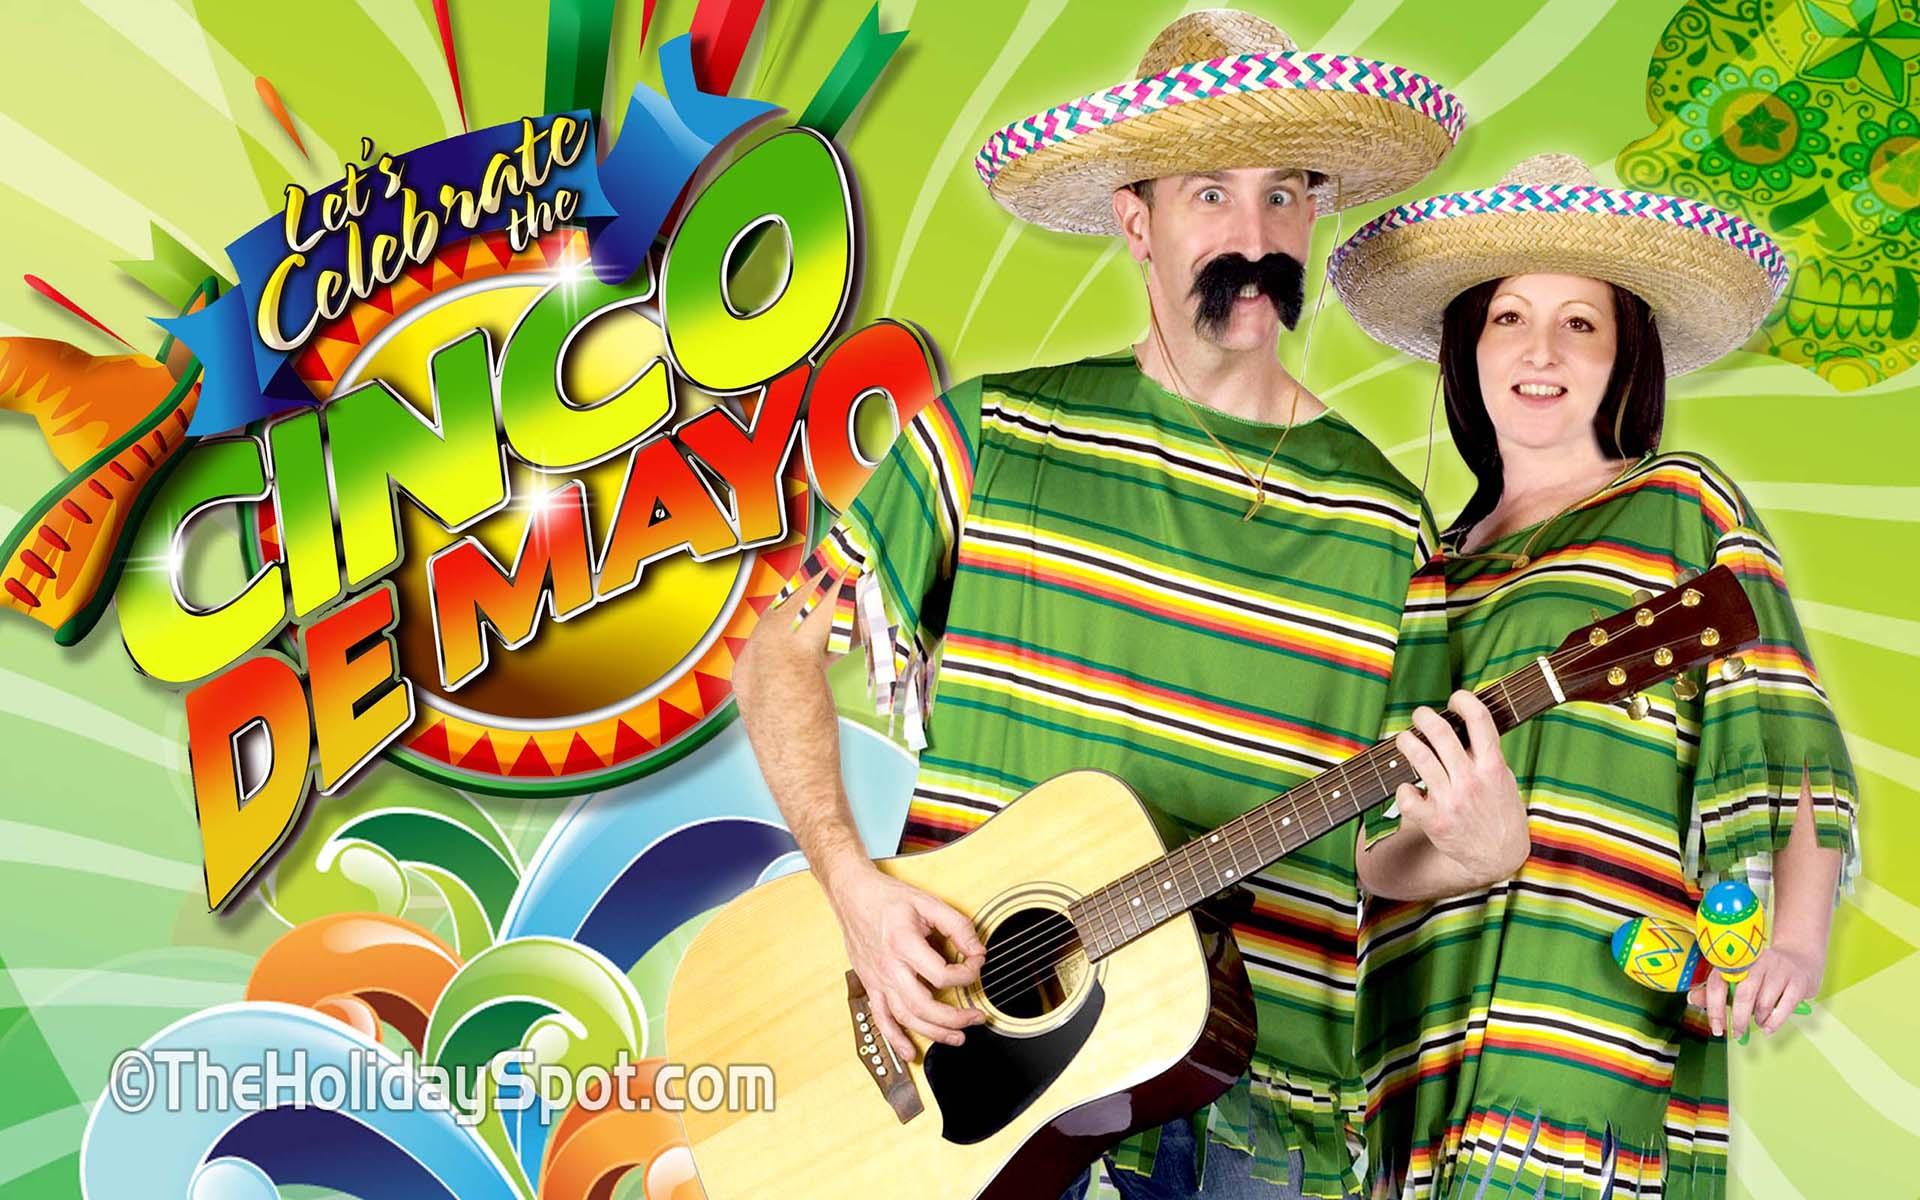 Cinco de mayo wallpapers high definition wallpaper of mexicans celebrating on cinco de mayo kristyandbryce Gallery